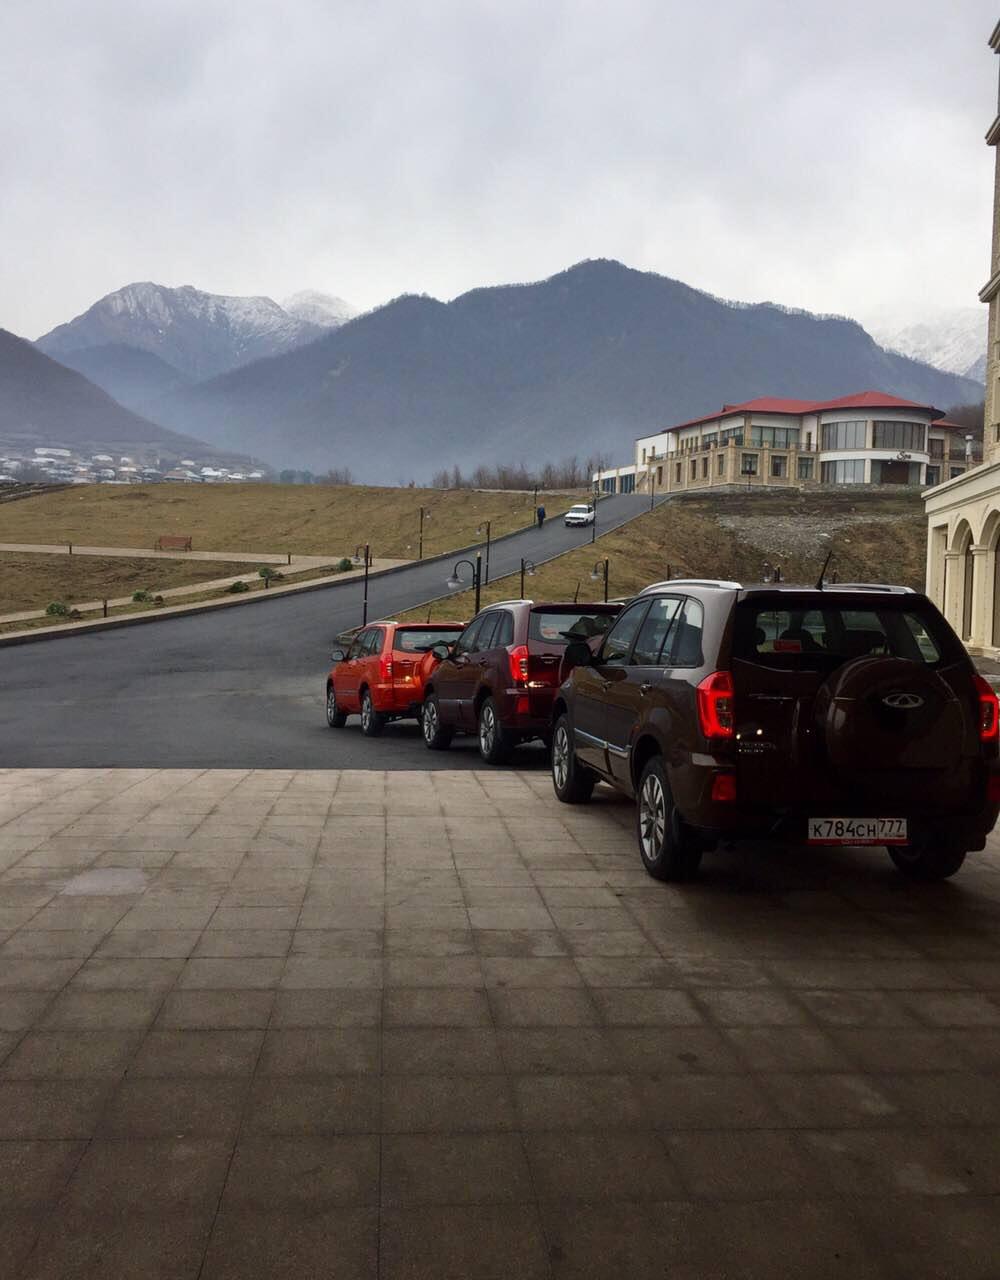 Продолжаем движение по маршруту пресс тура и в итоге уже затемно оказываемся в окруженным со всех сторон горами отеле